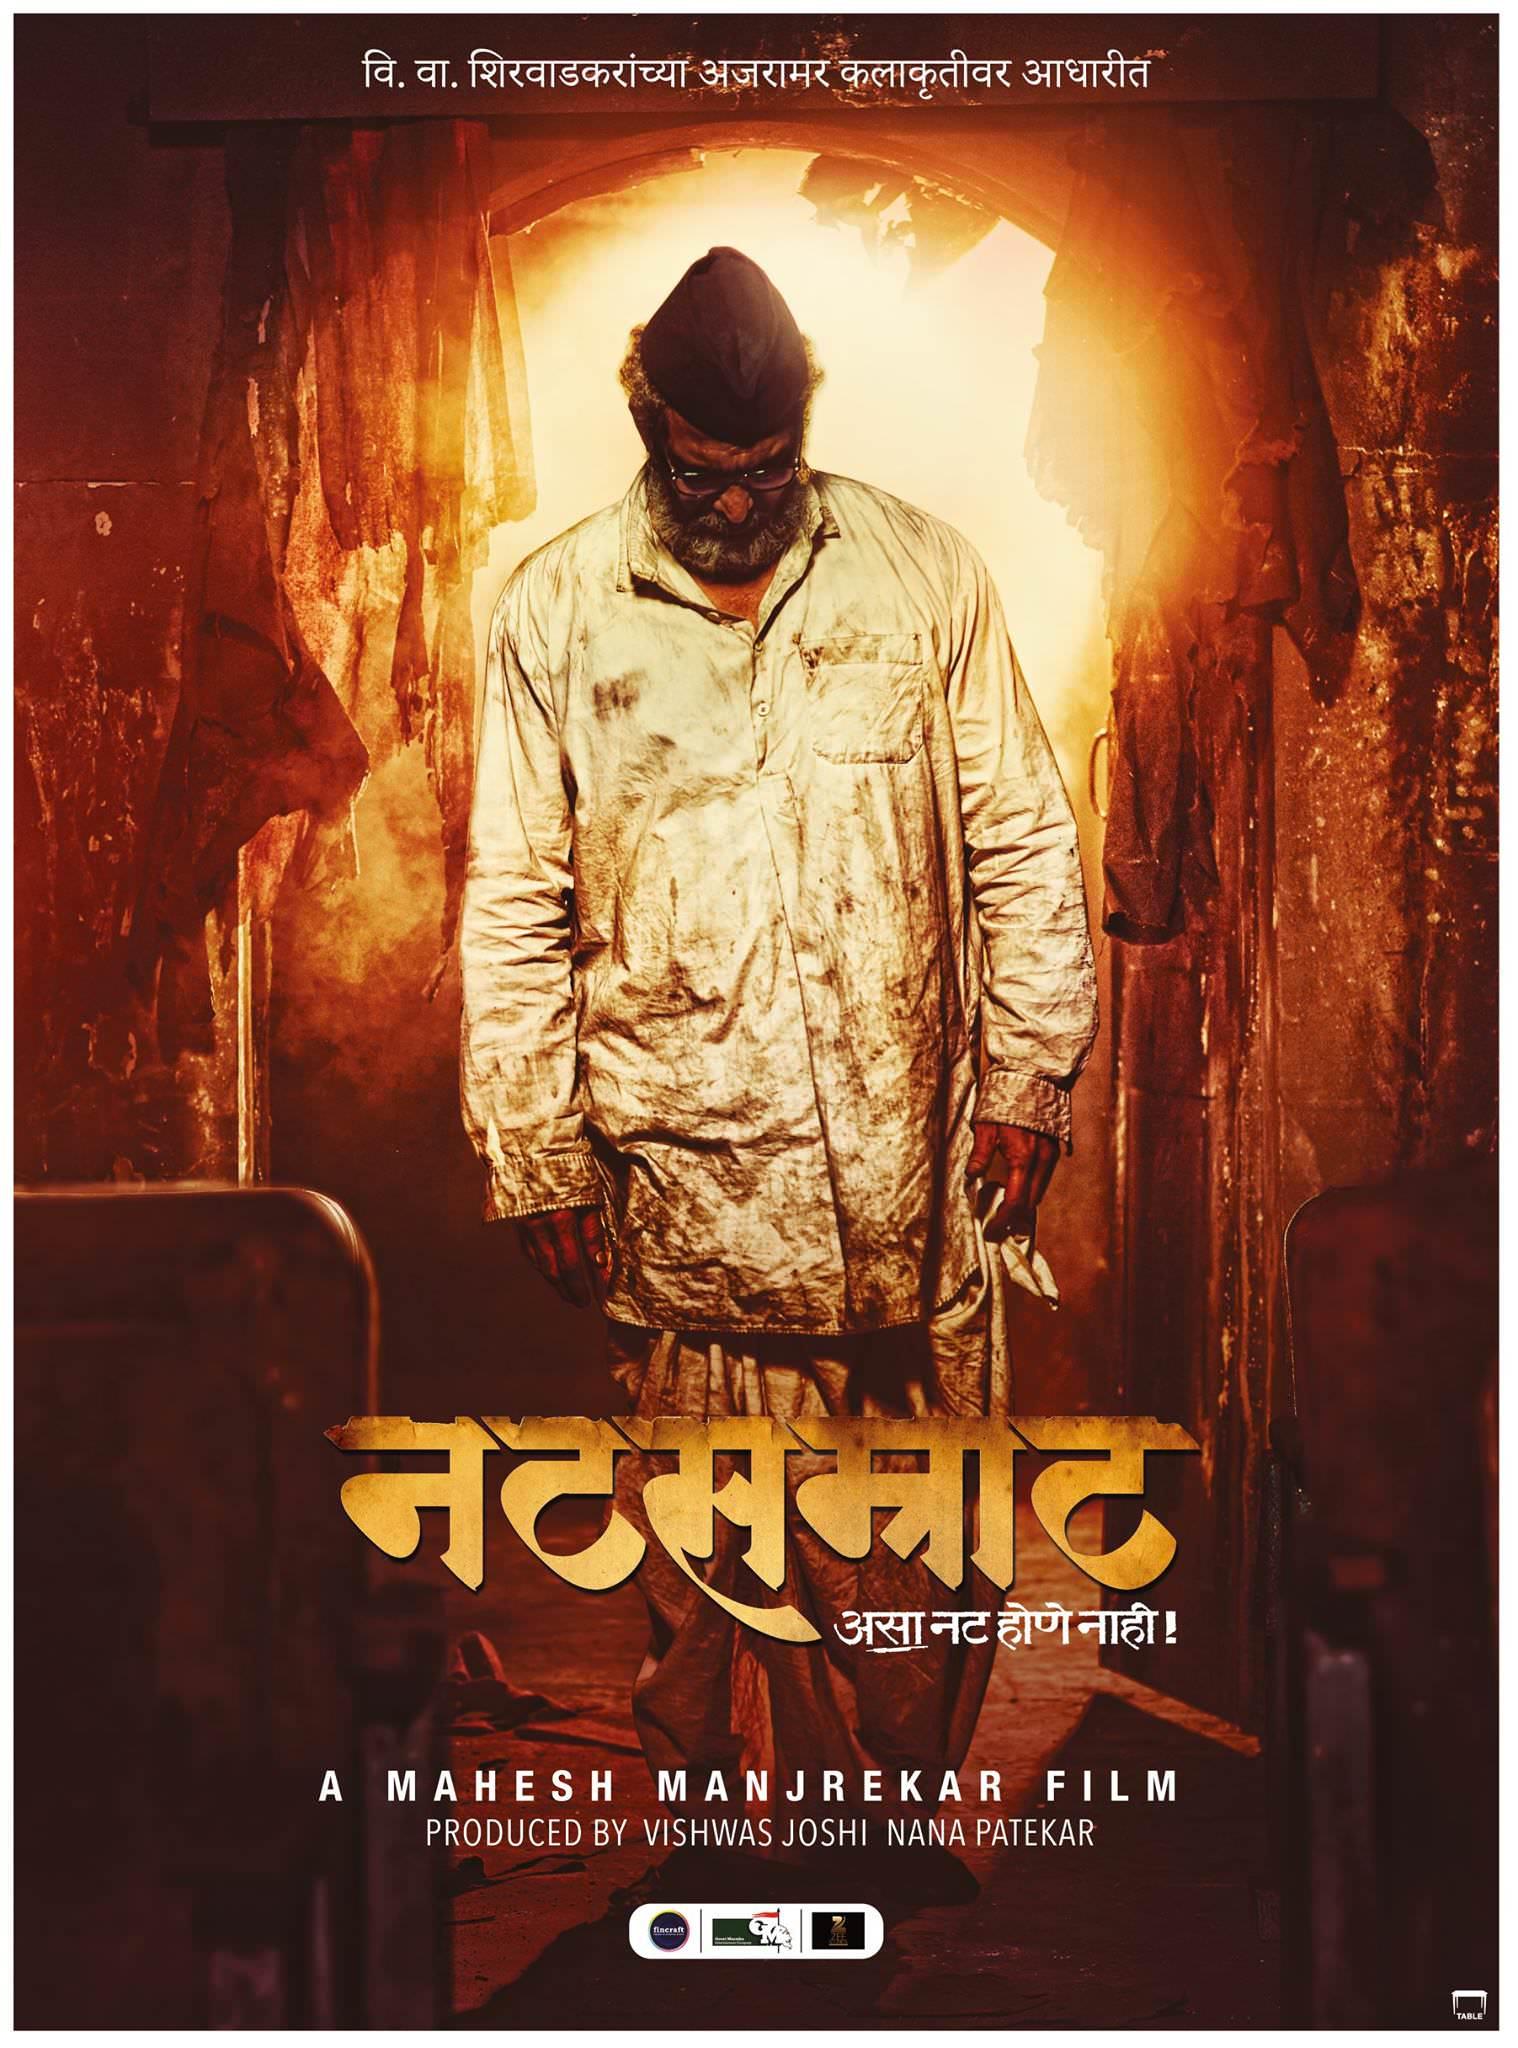 Free Marathi Movies Download